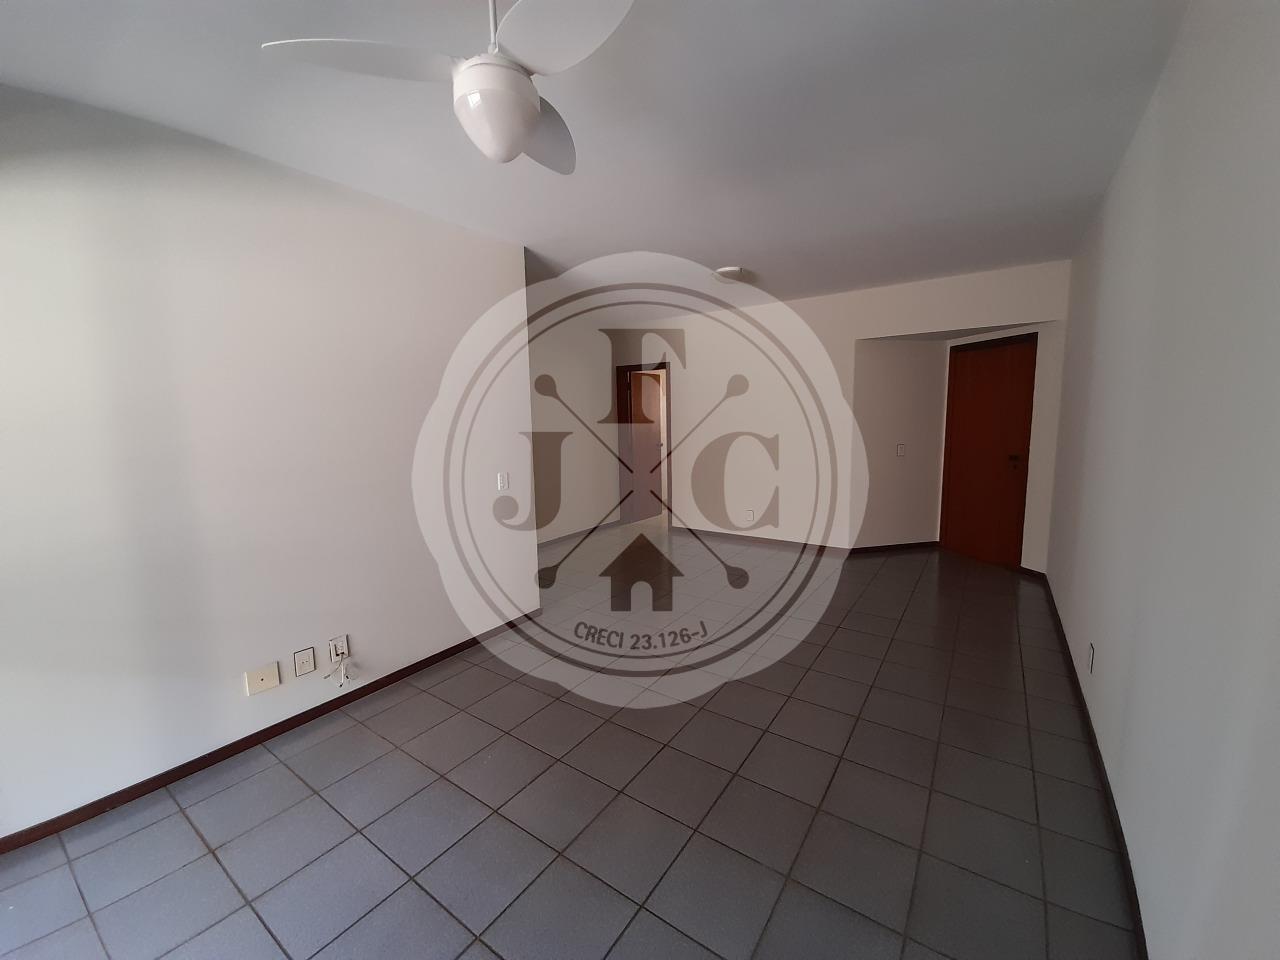 Apartamento para locação com 118m², 3 dormitórios localizado no bairro Santa Cruz.